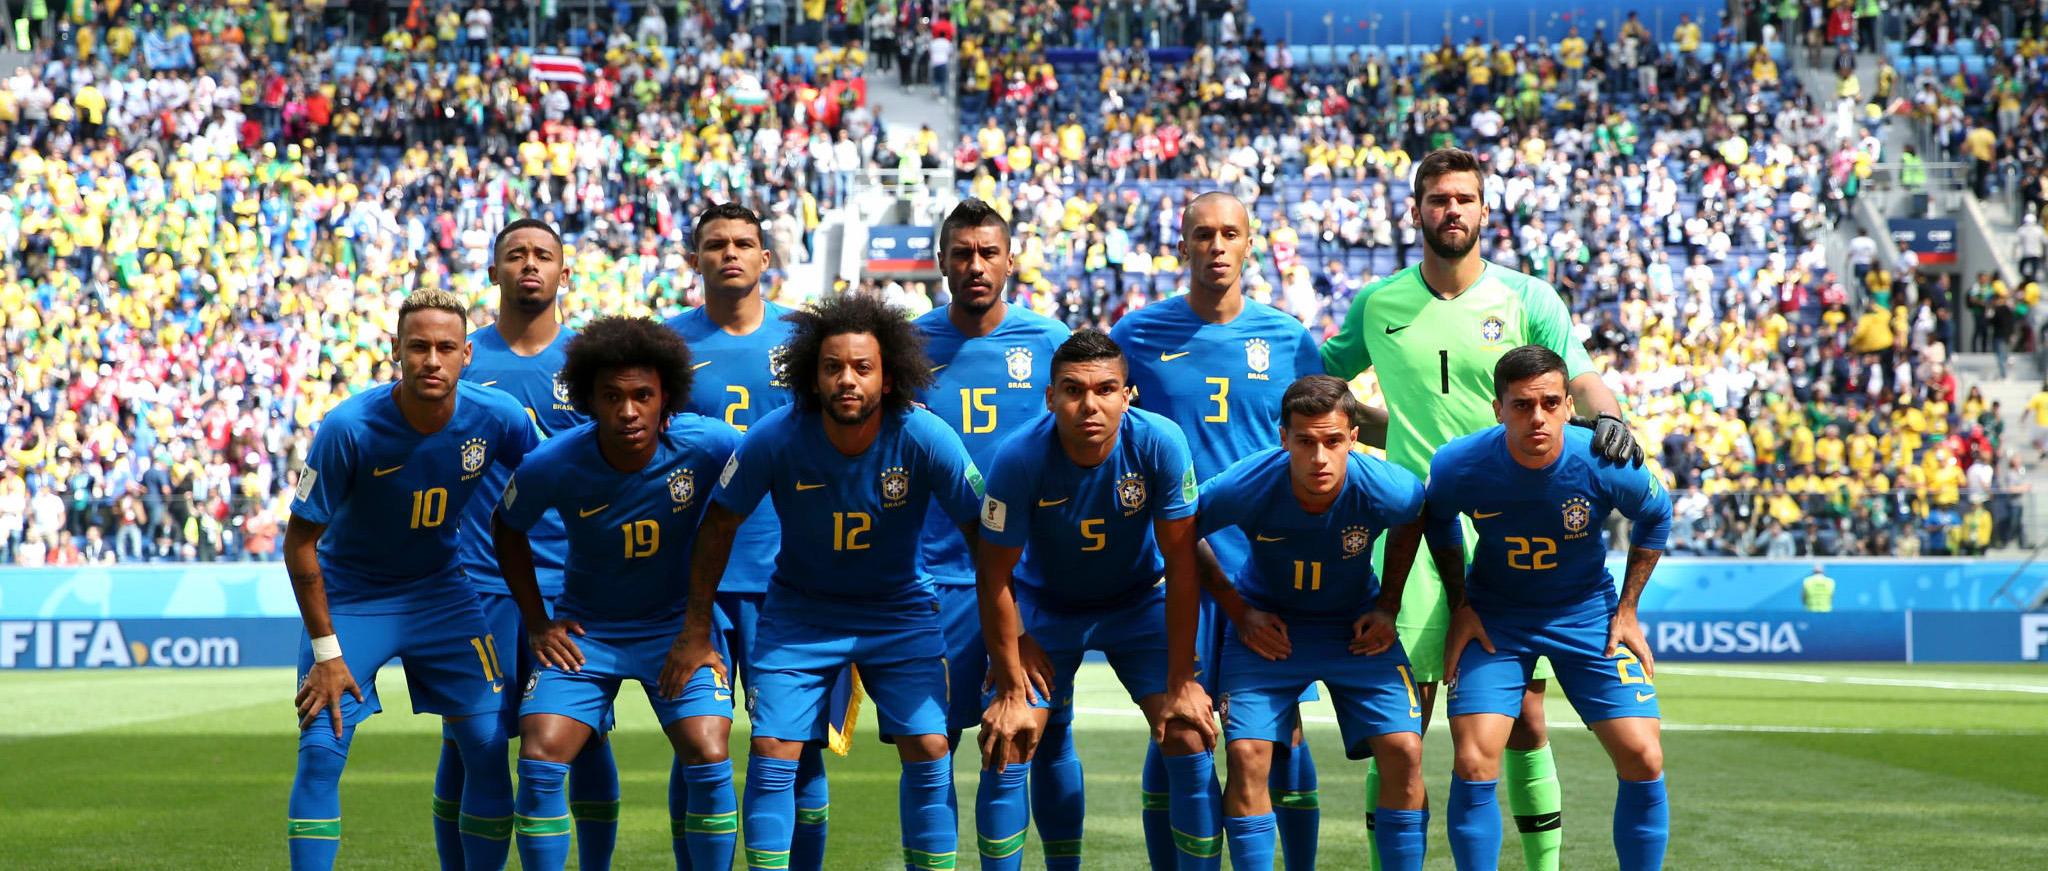 jogo do brasil hoje